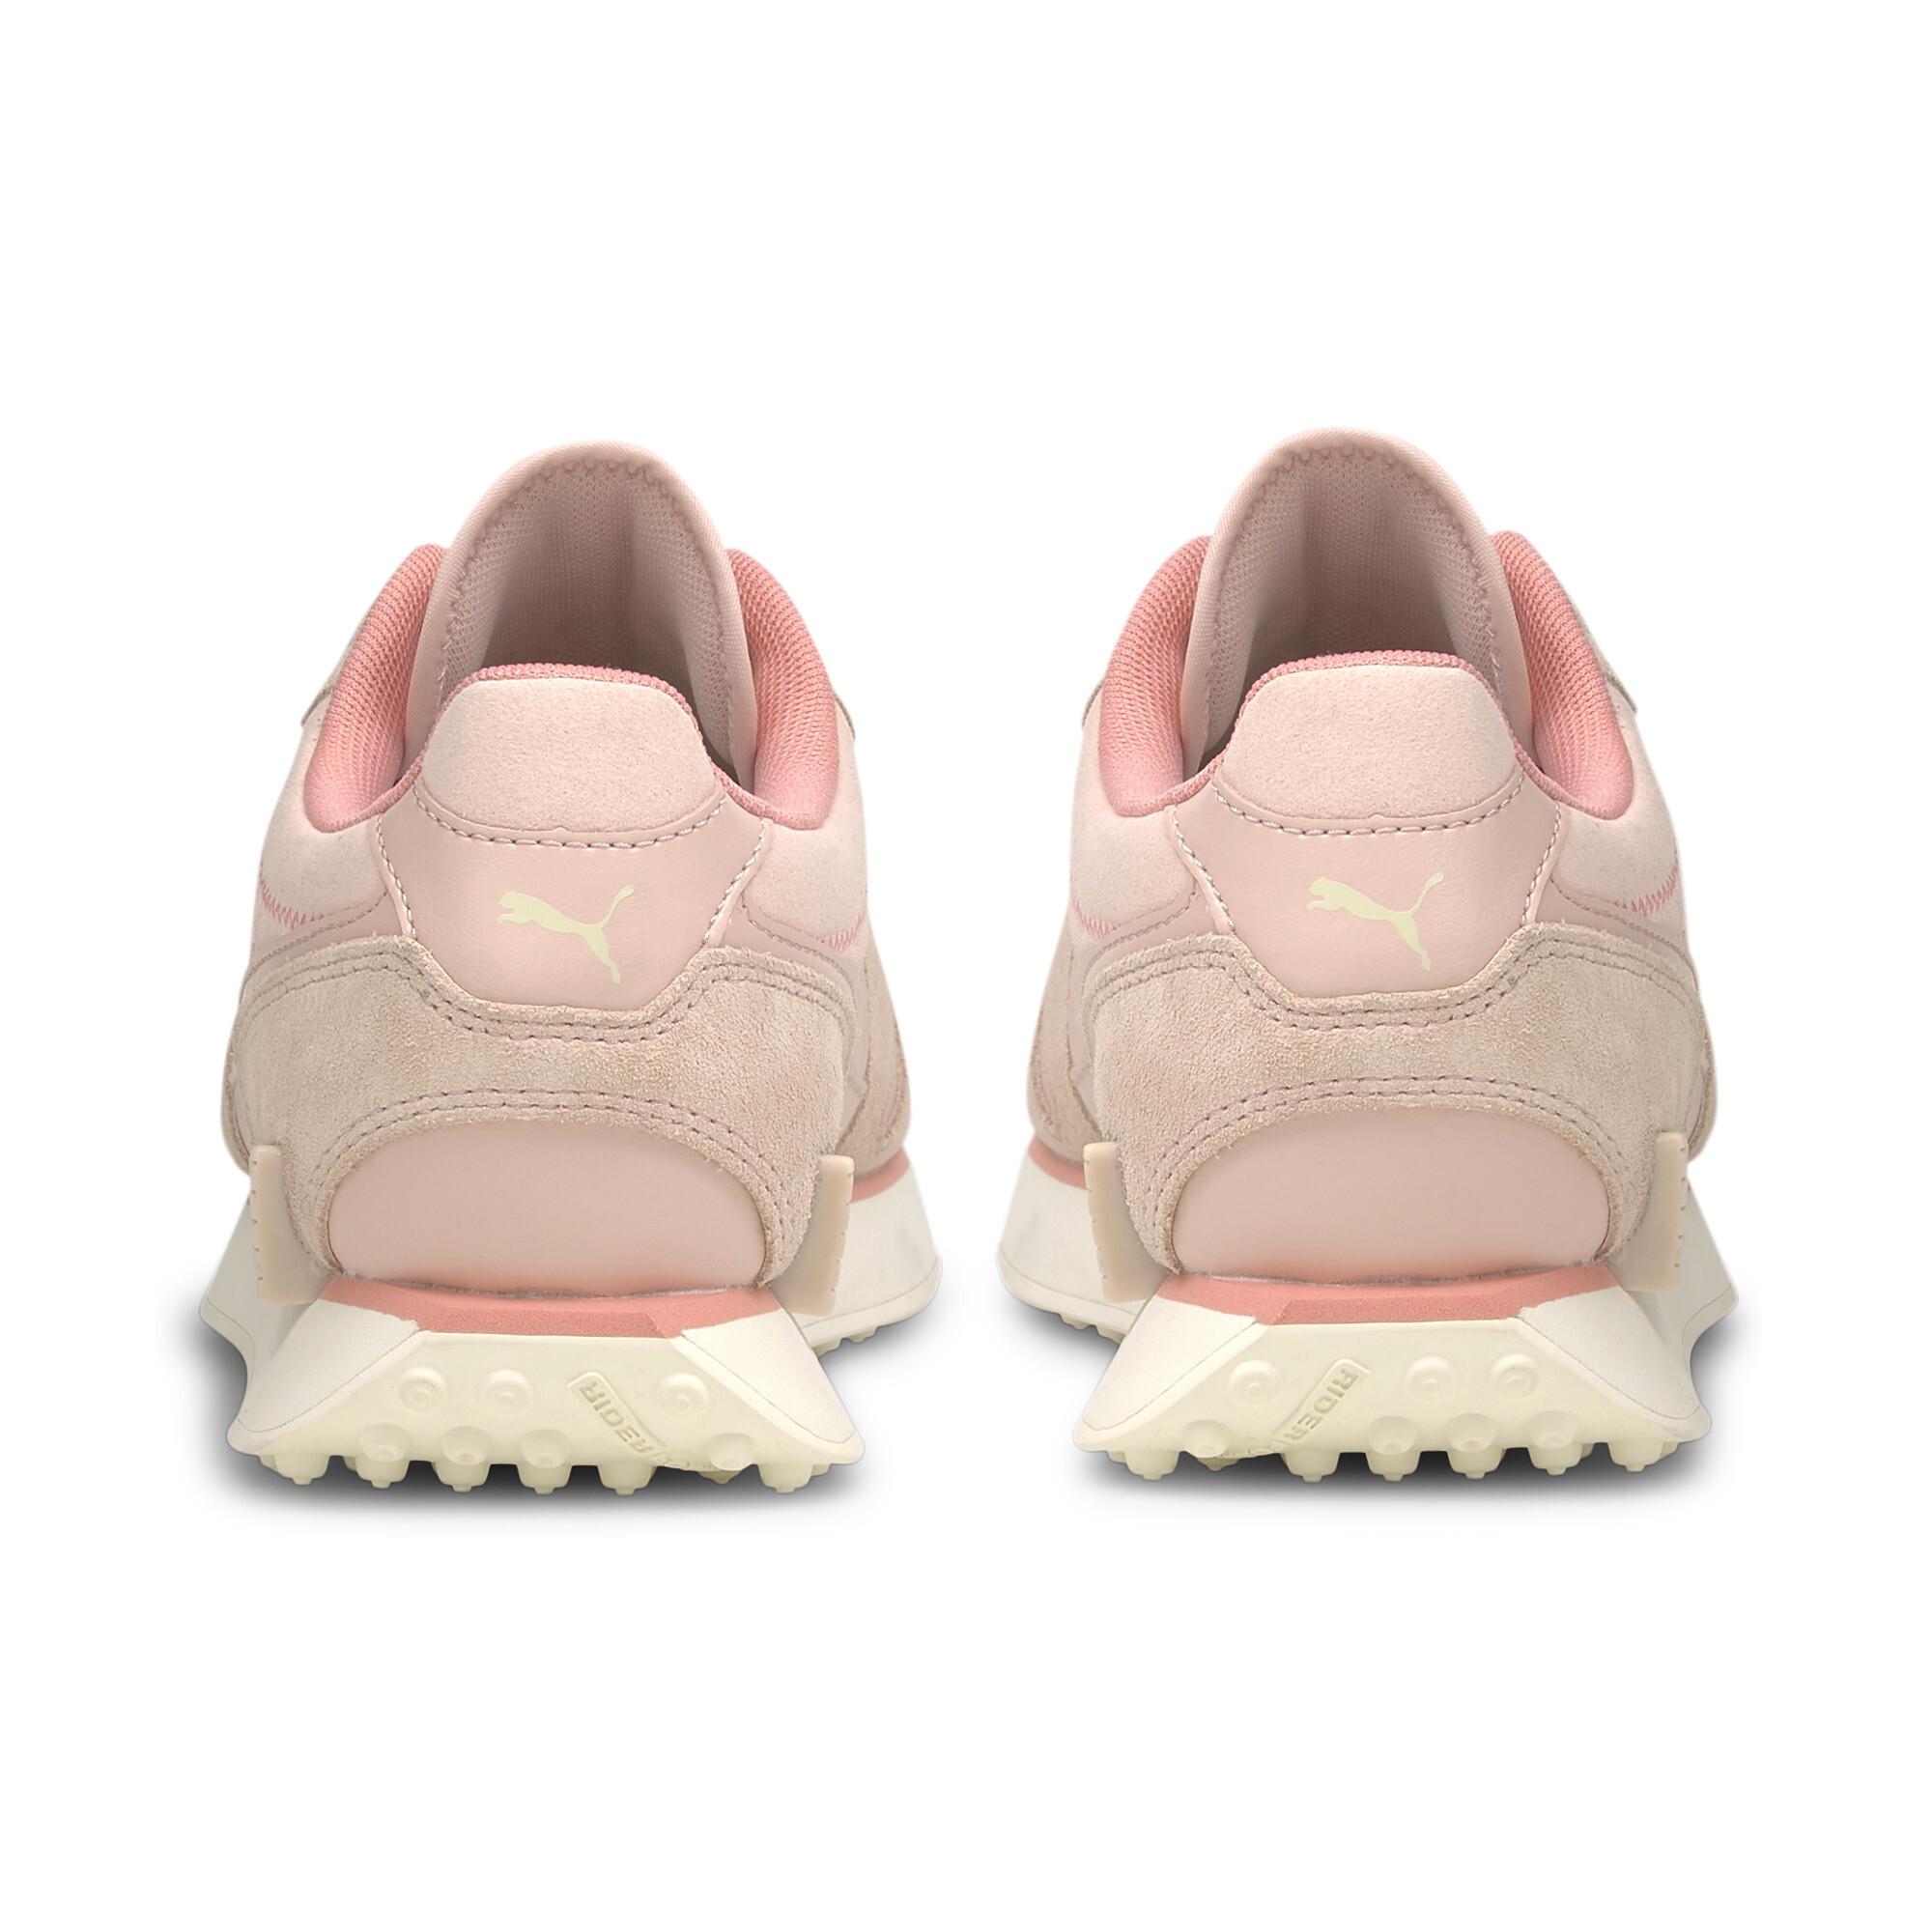 Indexbild 3 - PUMA-Mile-Rider-Chrome-Desert-Damen-Sneaker-Frauen-Schuhe-Neu